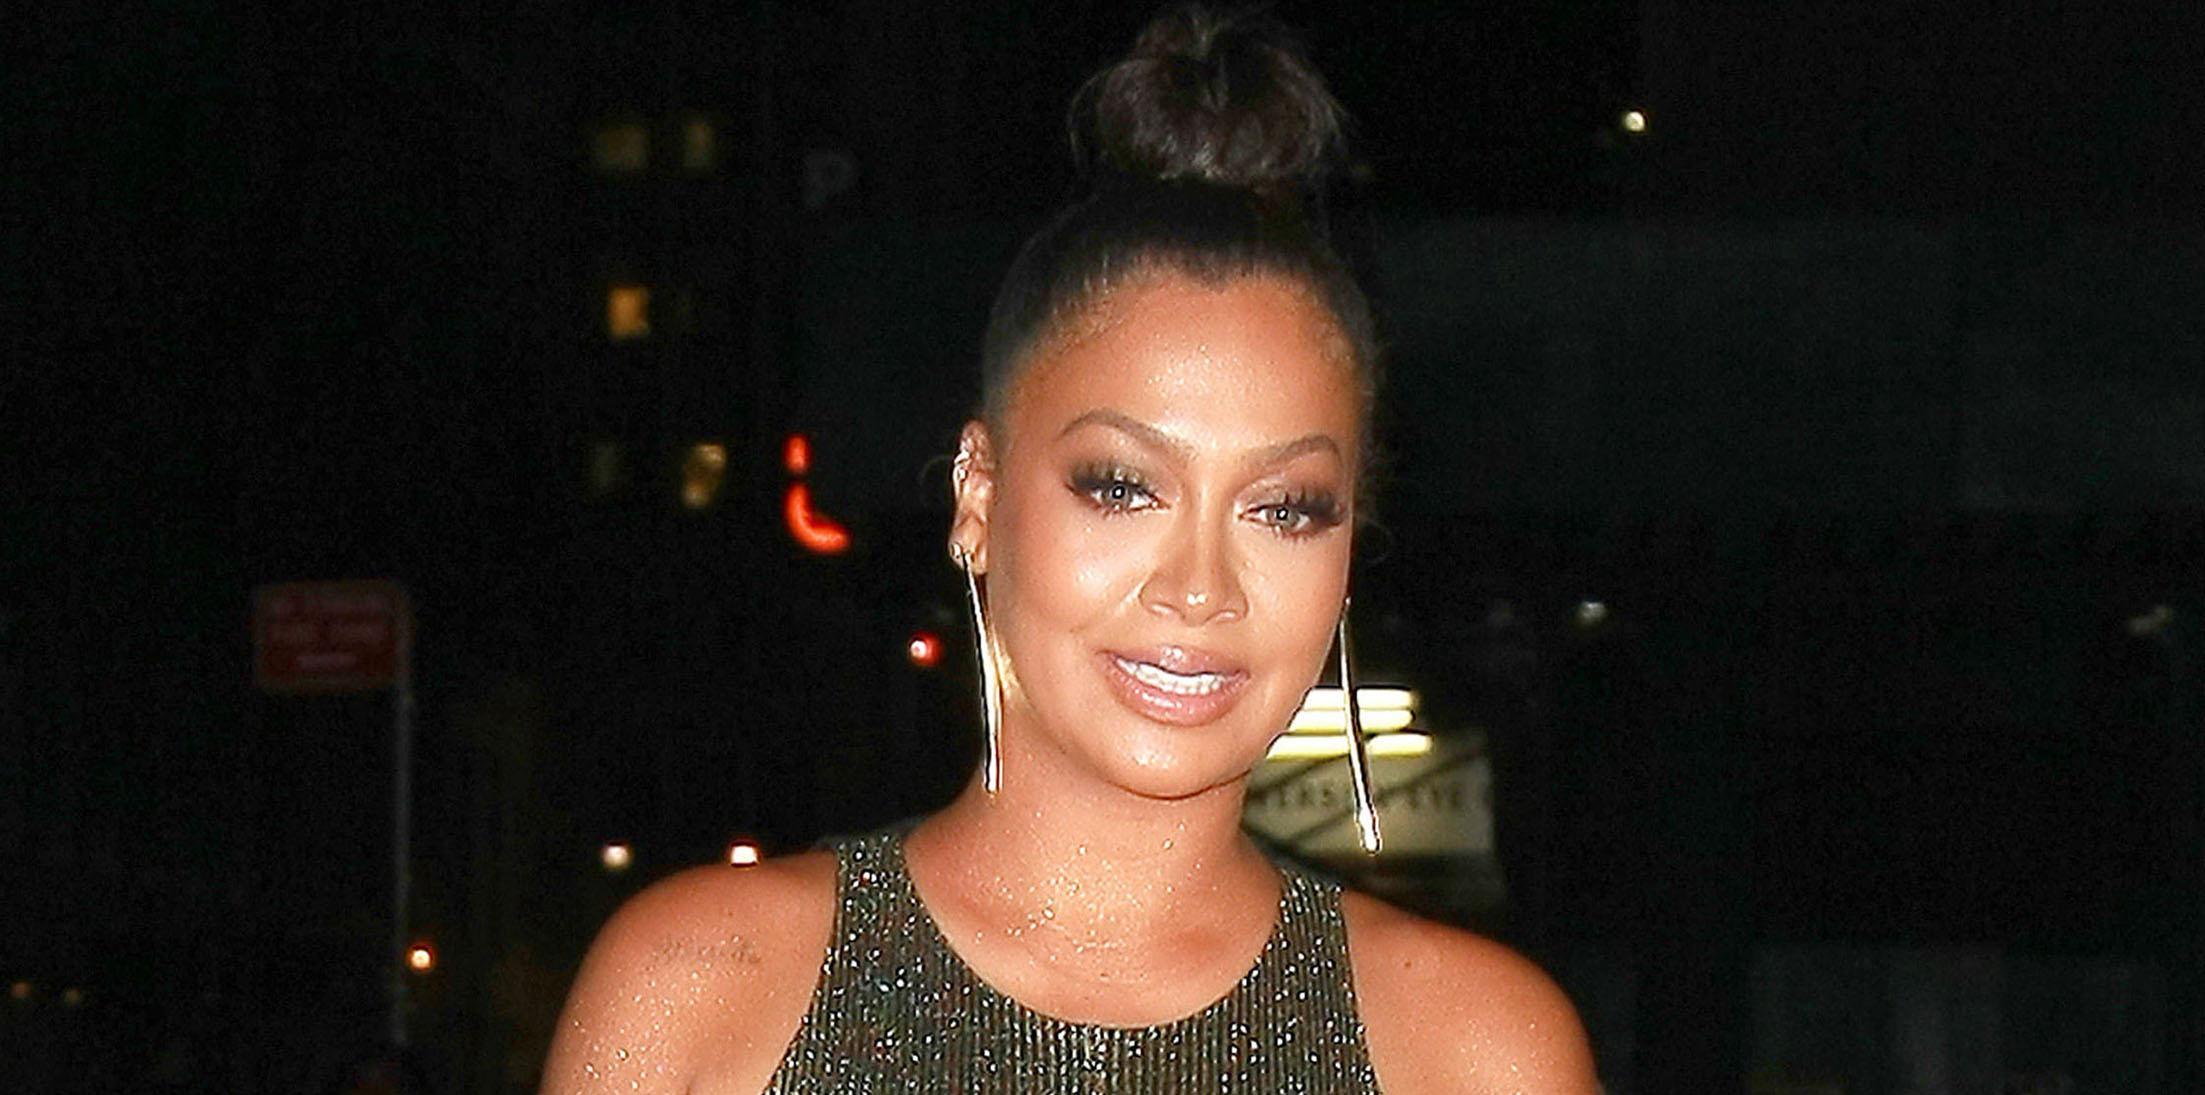 La La Anthony sparkles at the Revlon x Ciara Launch Event